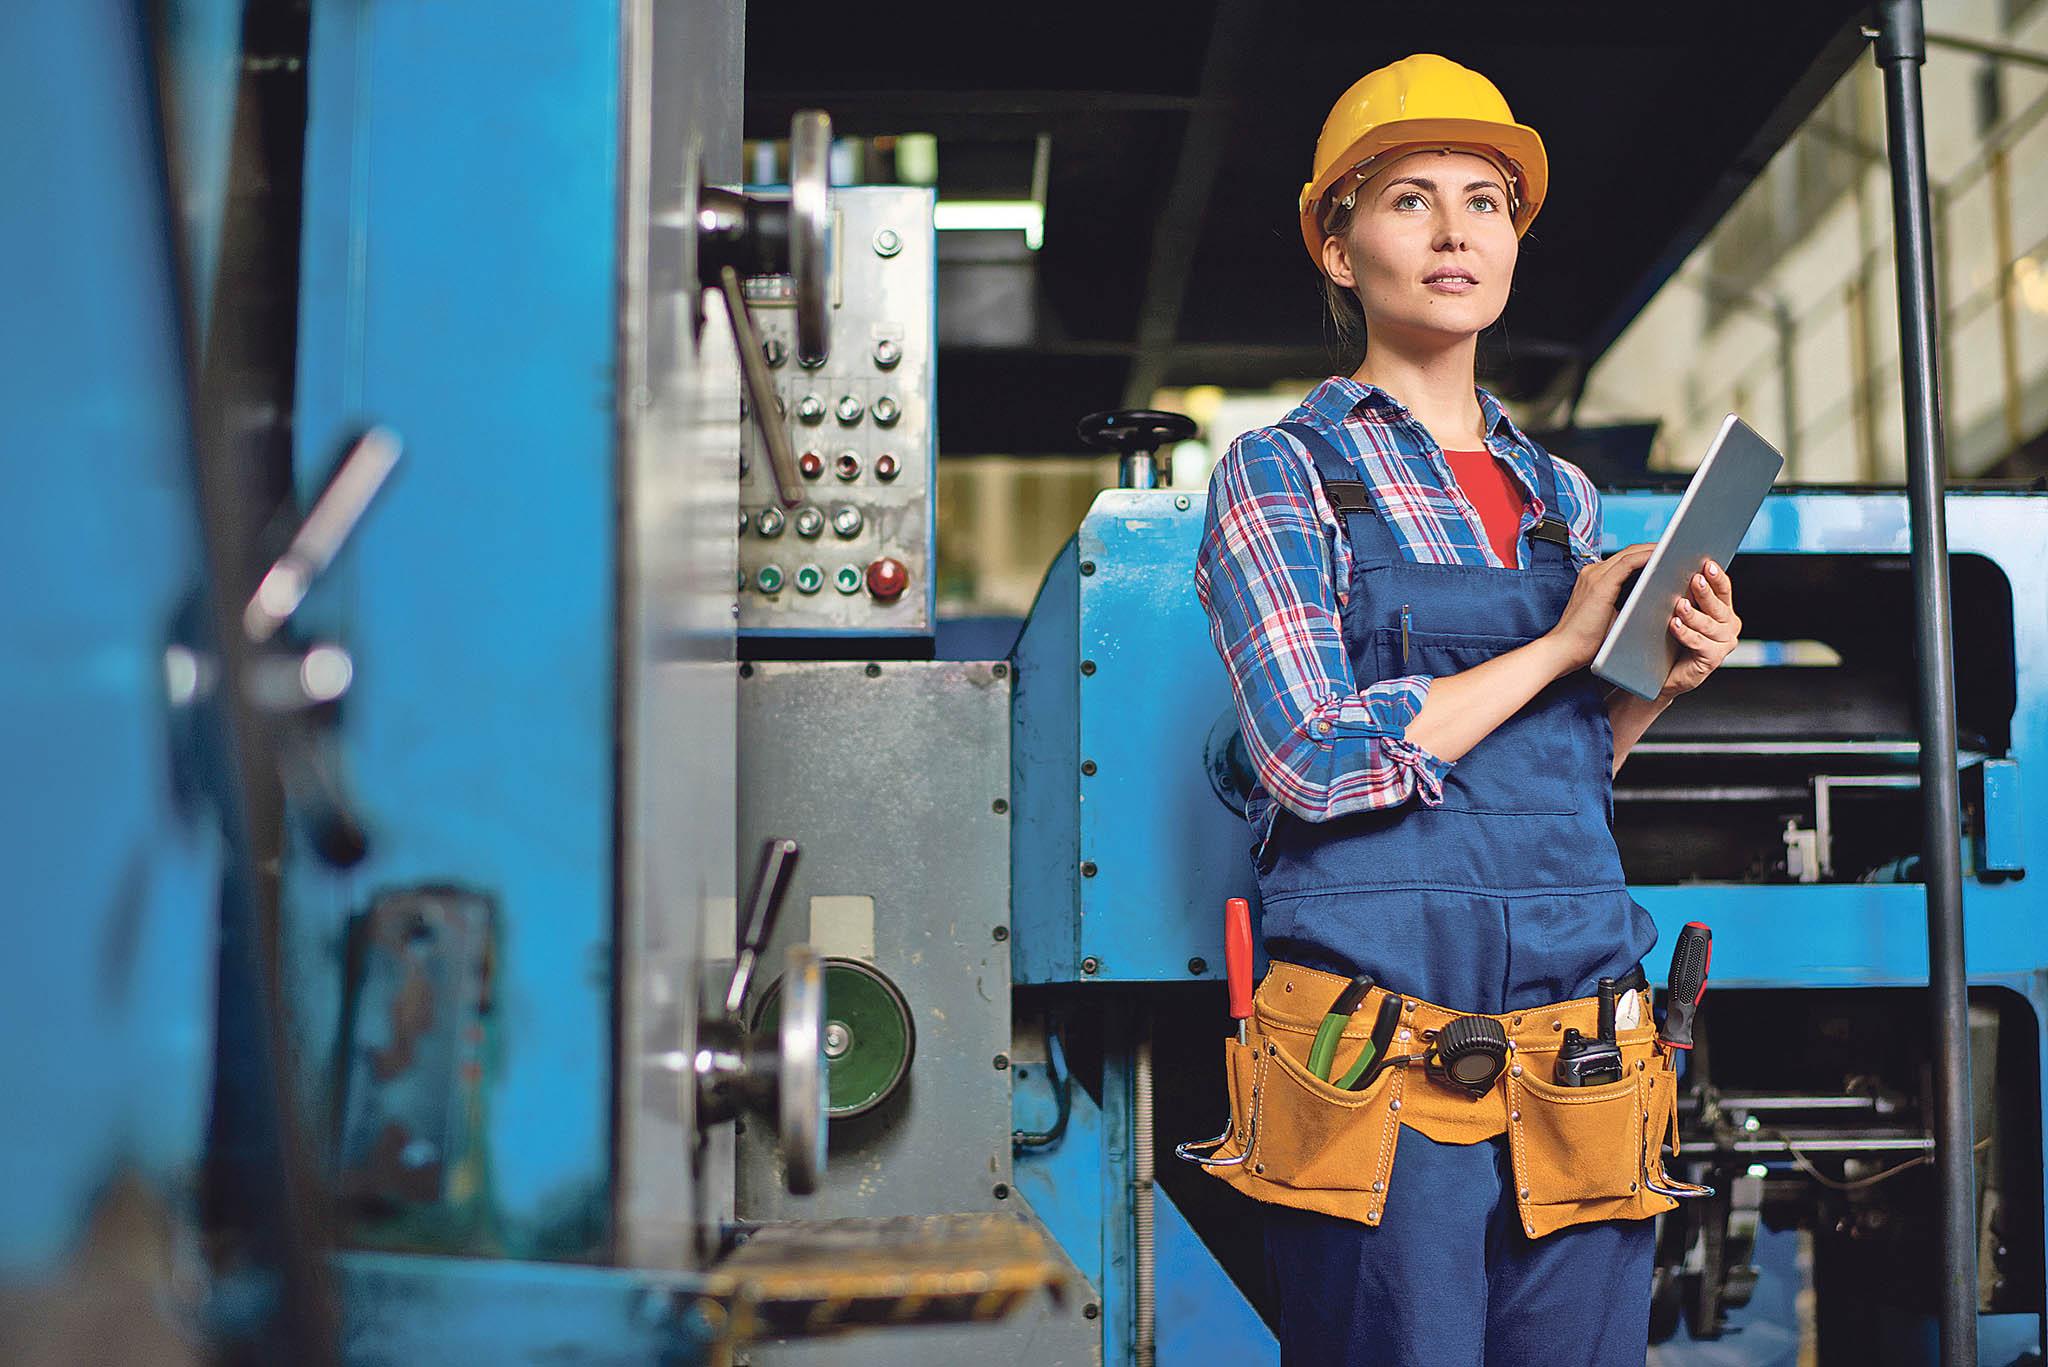 V jaderných elektrárnách Temelín a Dukovany momentálně pracuje 282 žen, což je přibližně 10 procent ze všech zaměstnanců.